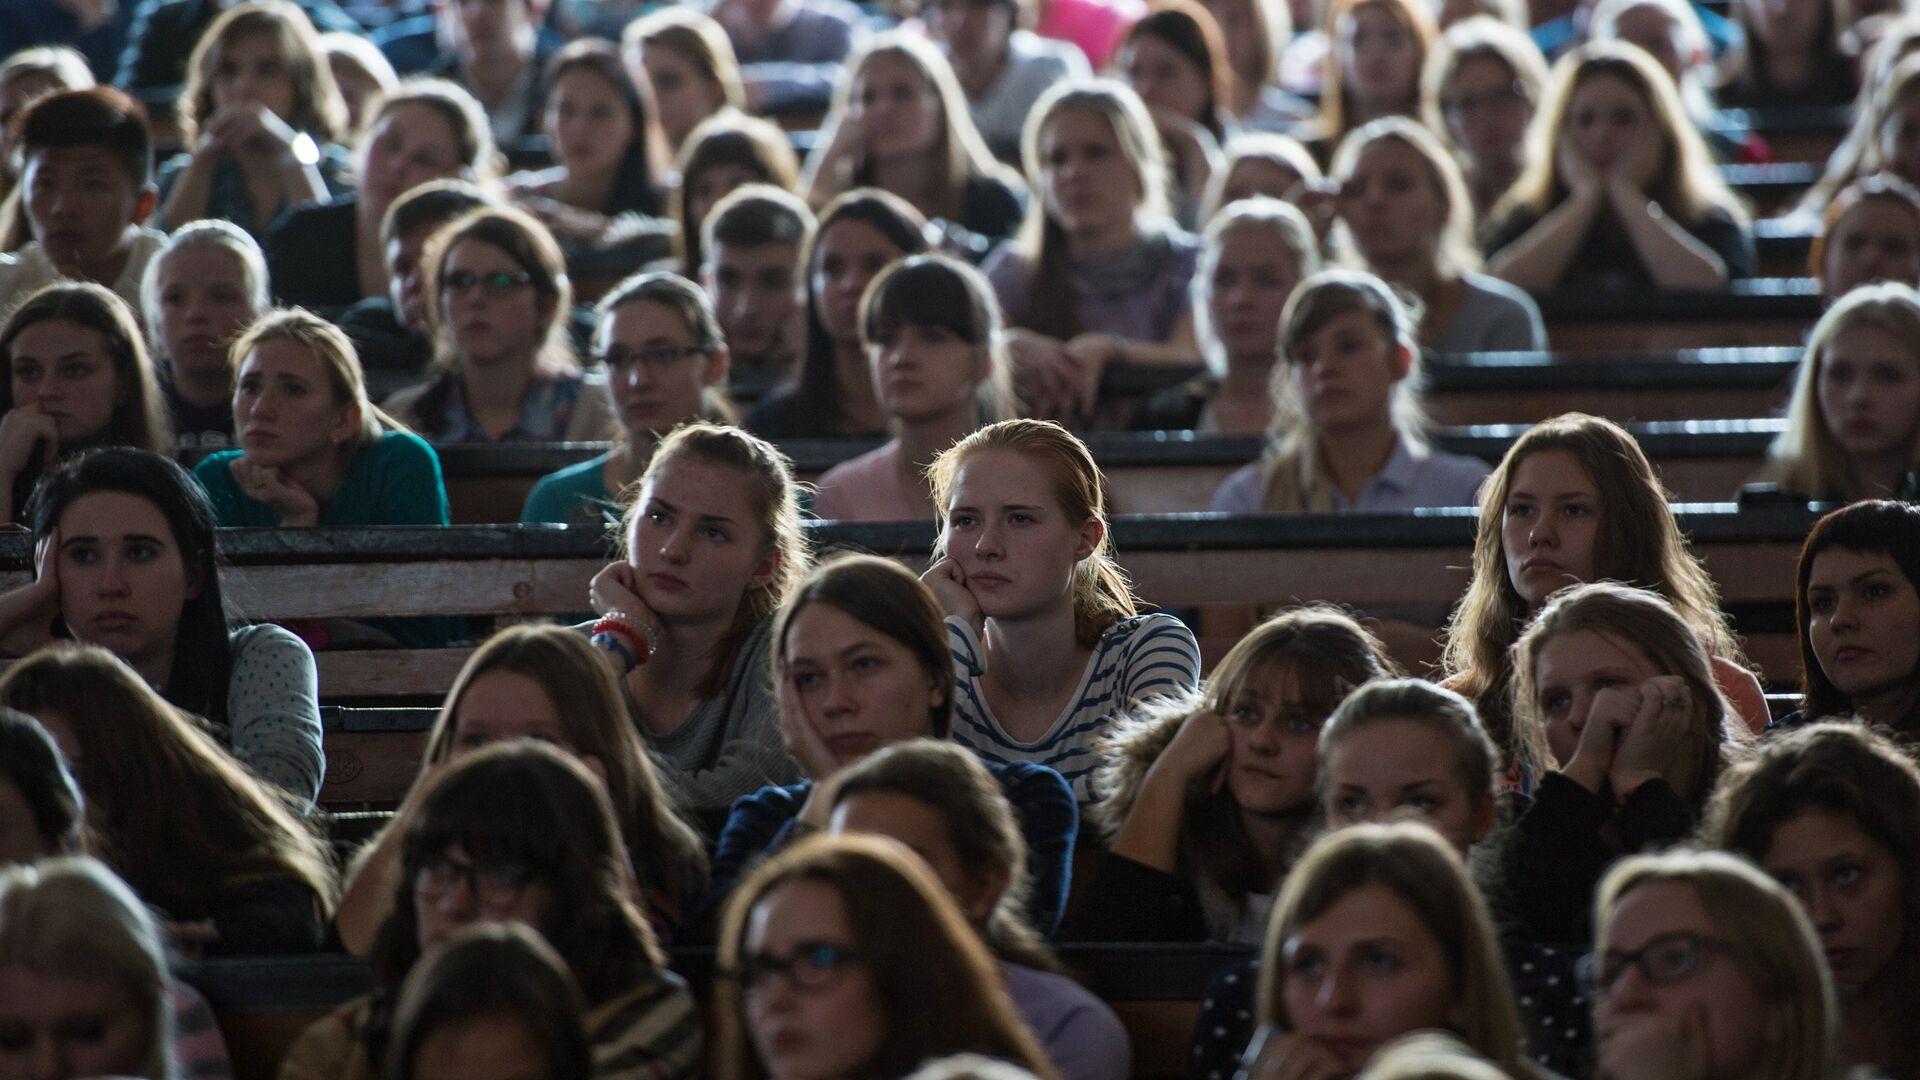 Студенты Московского Государственного педагогического университета во время занятий - РИА Новости, 1920, 02.09.2021